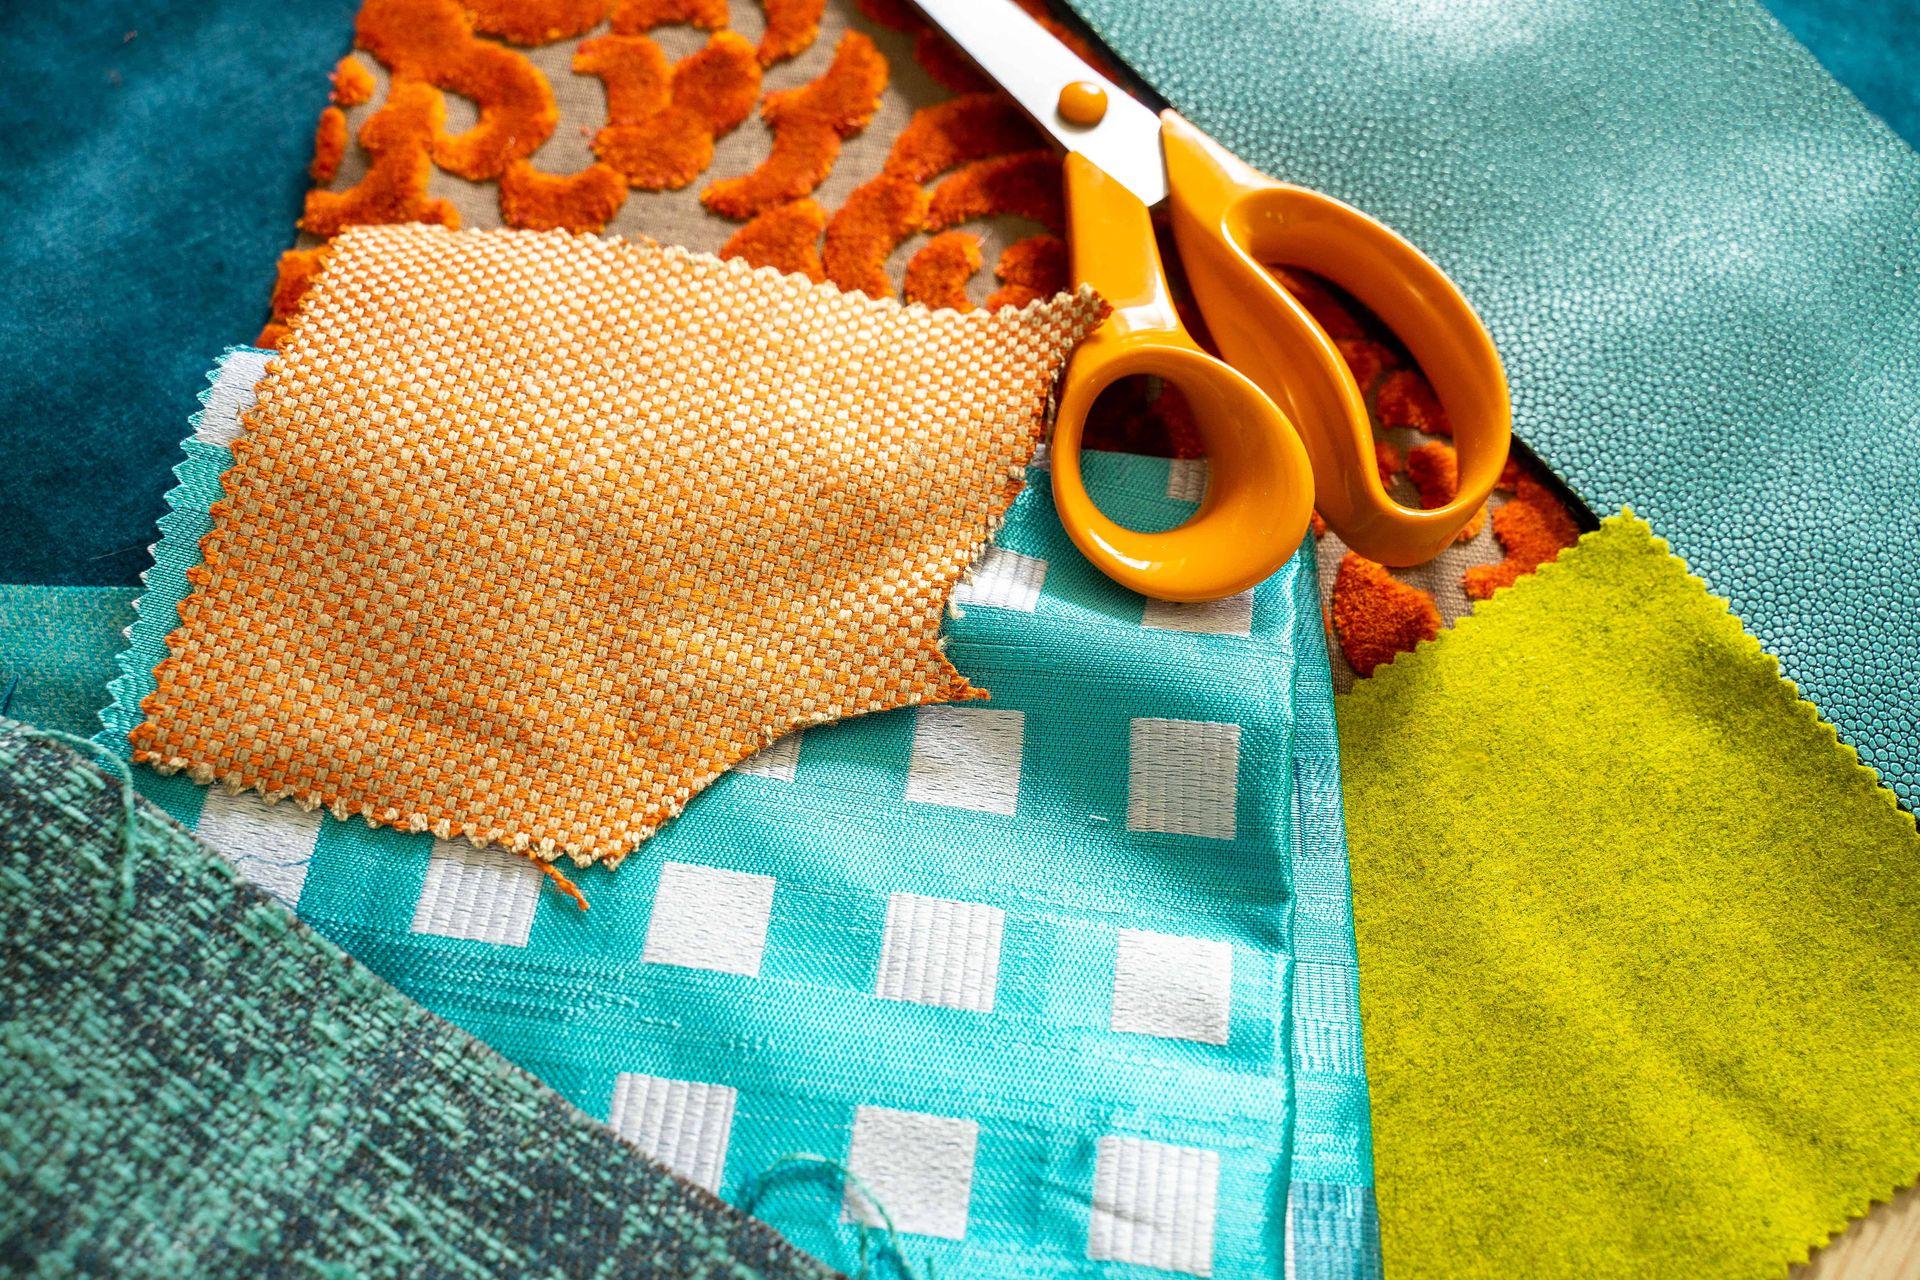 Créatrice en Upcycling textile : Lucie Vachez Collomb